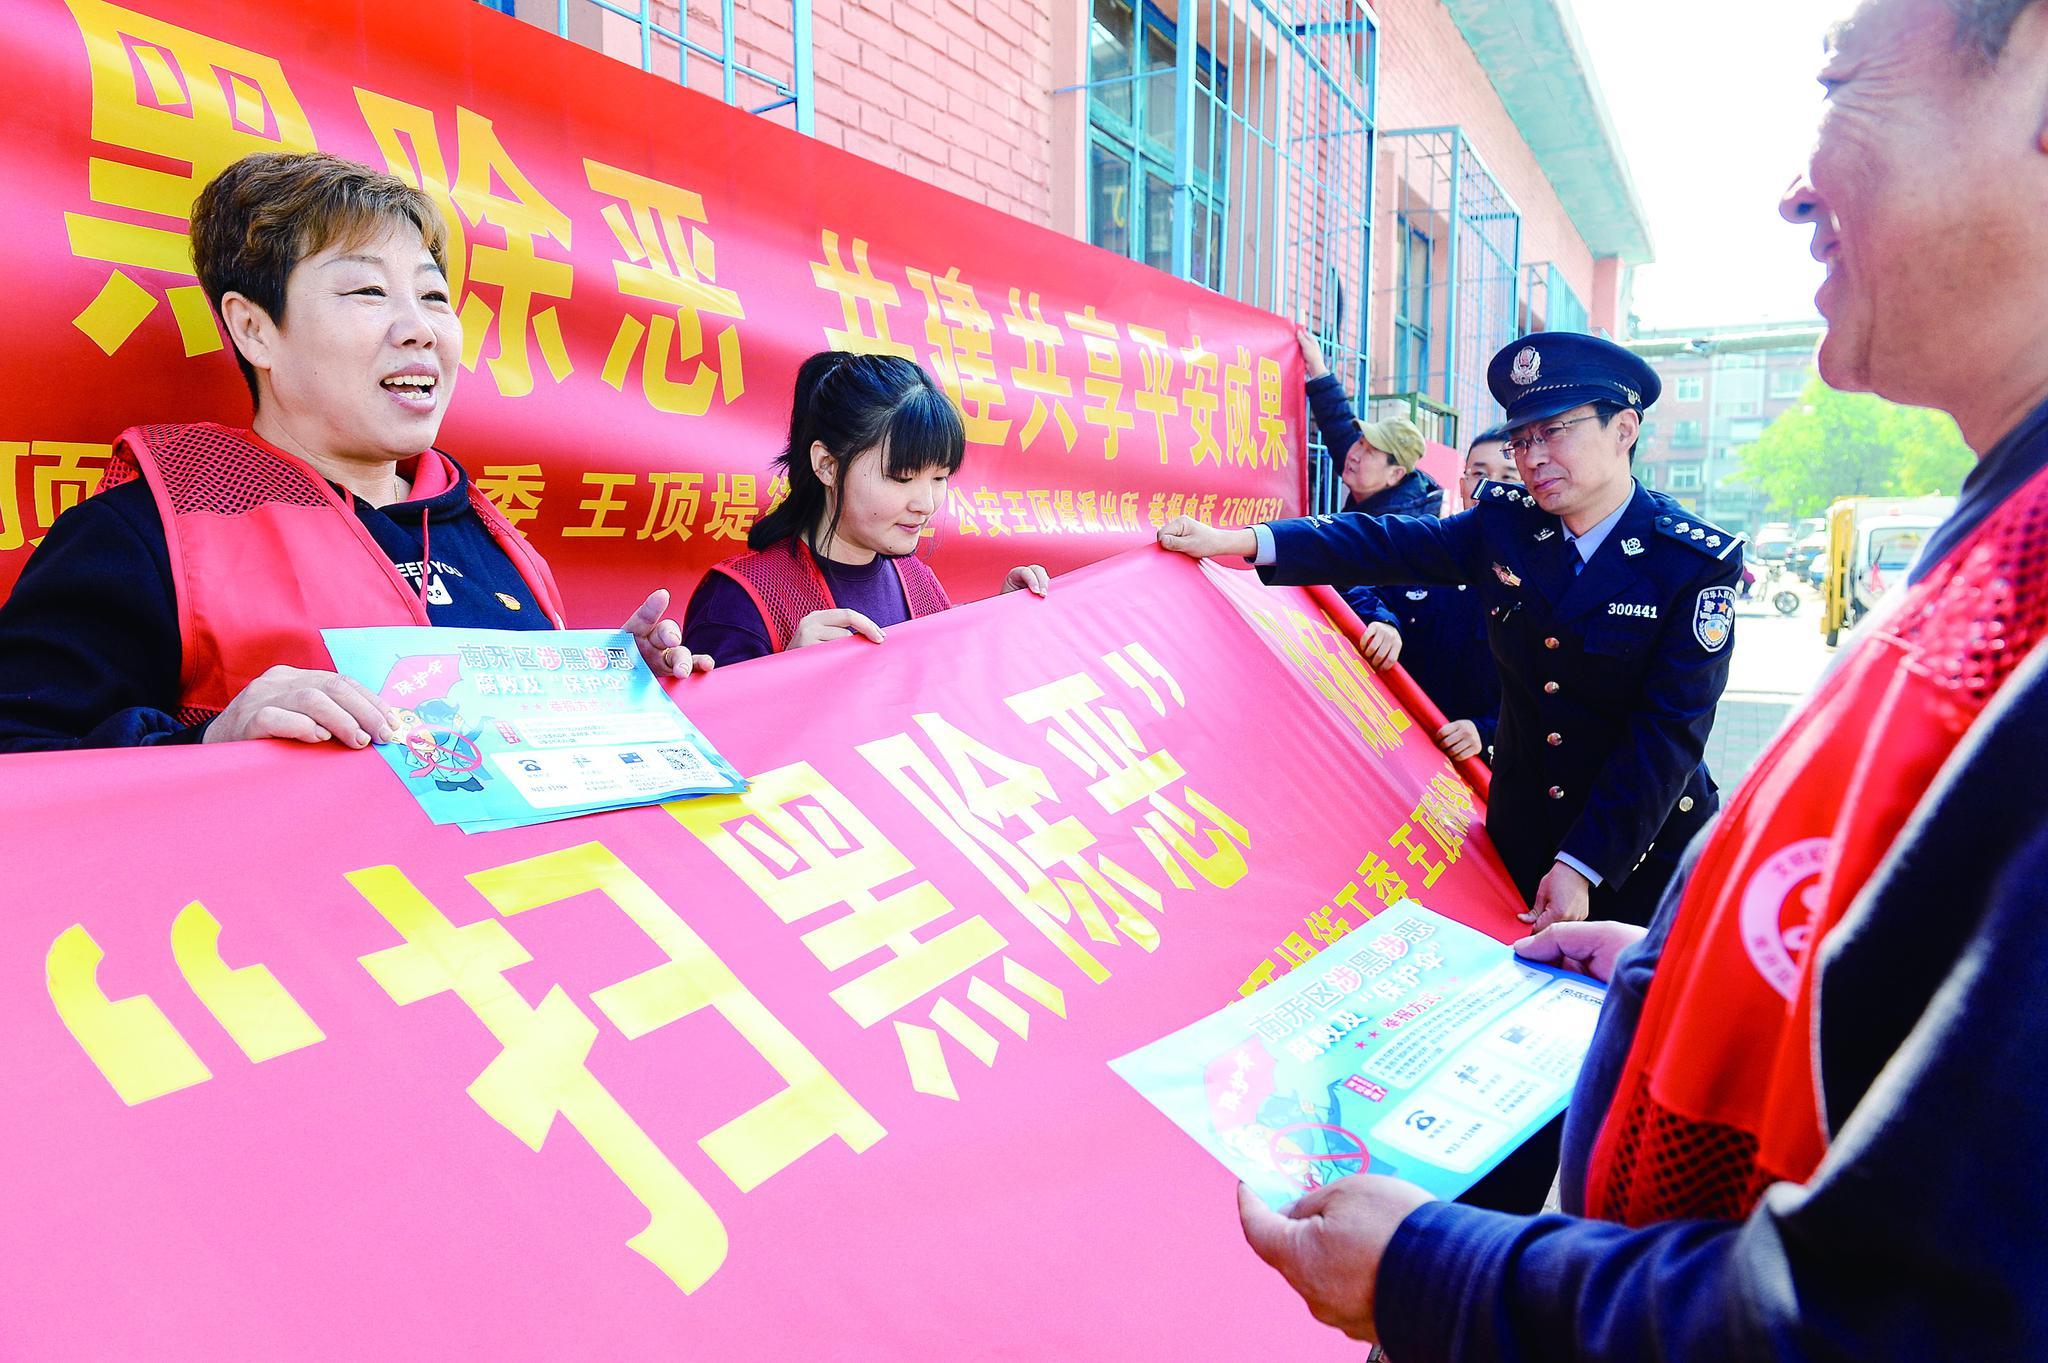 民警和志愿者懸掛掃黑除惡宣傳橫幅